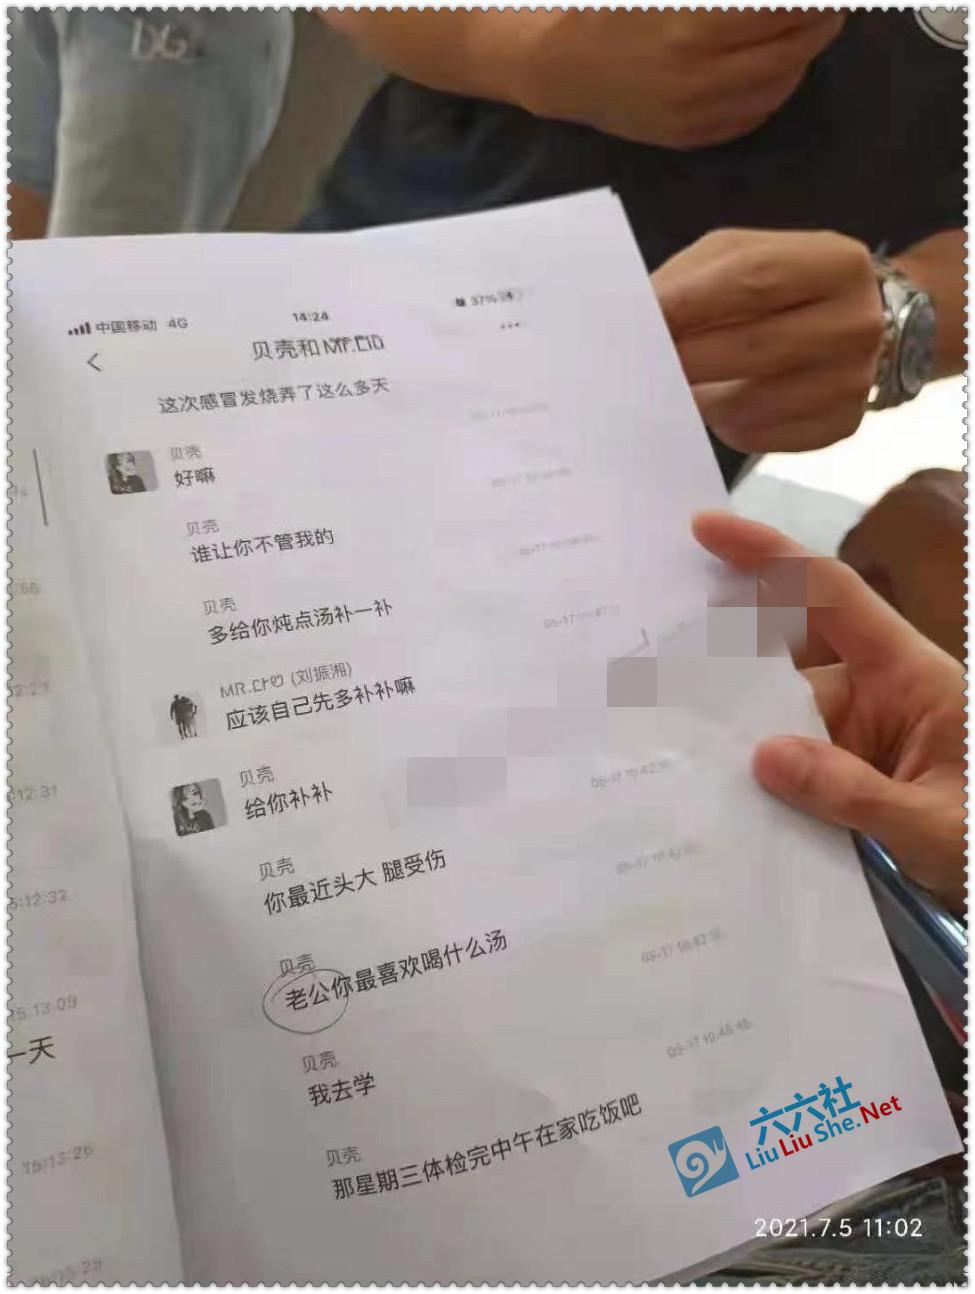 永州农商银行瓜 是怎么回事?附:刘某湘与柜员蒋某的暧昧聊天记录 吃瓜基地 第5张